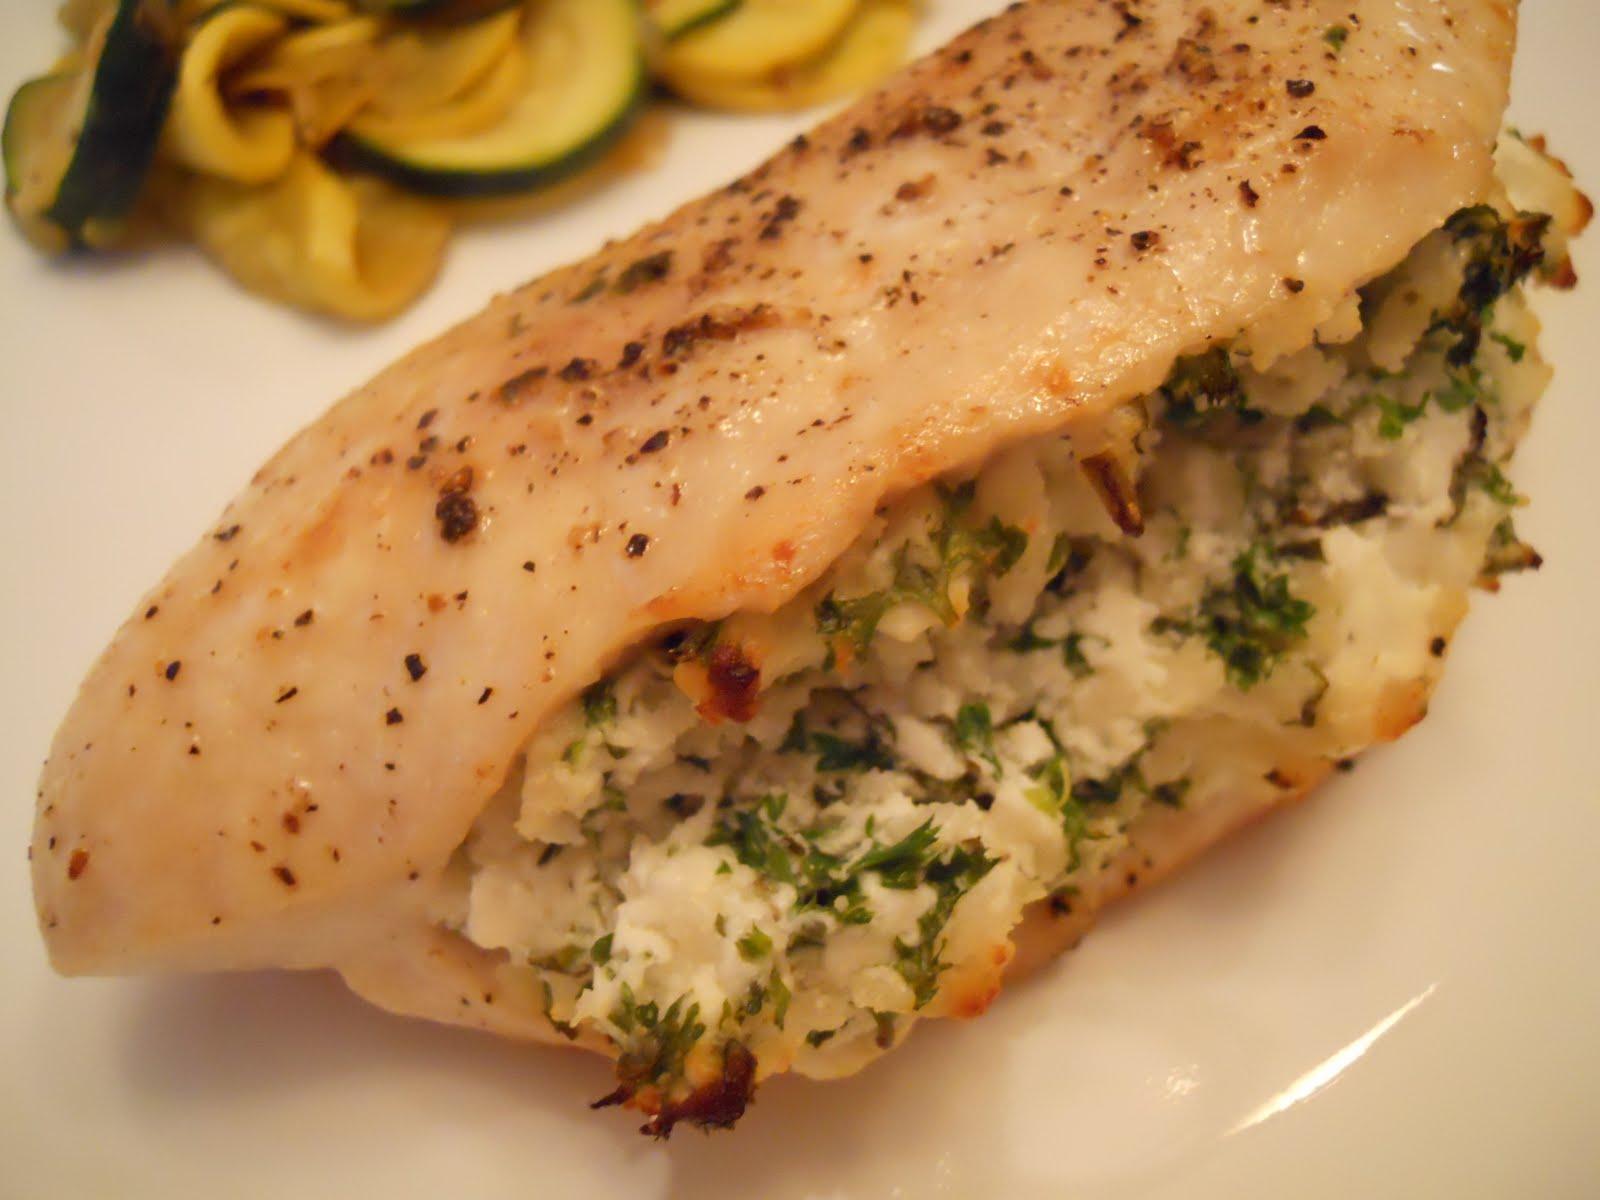 اكلات رمضان صدور دجاج محشية سبانخ وجبن مع الاعشاب